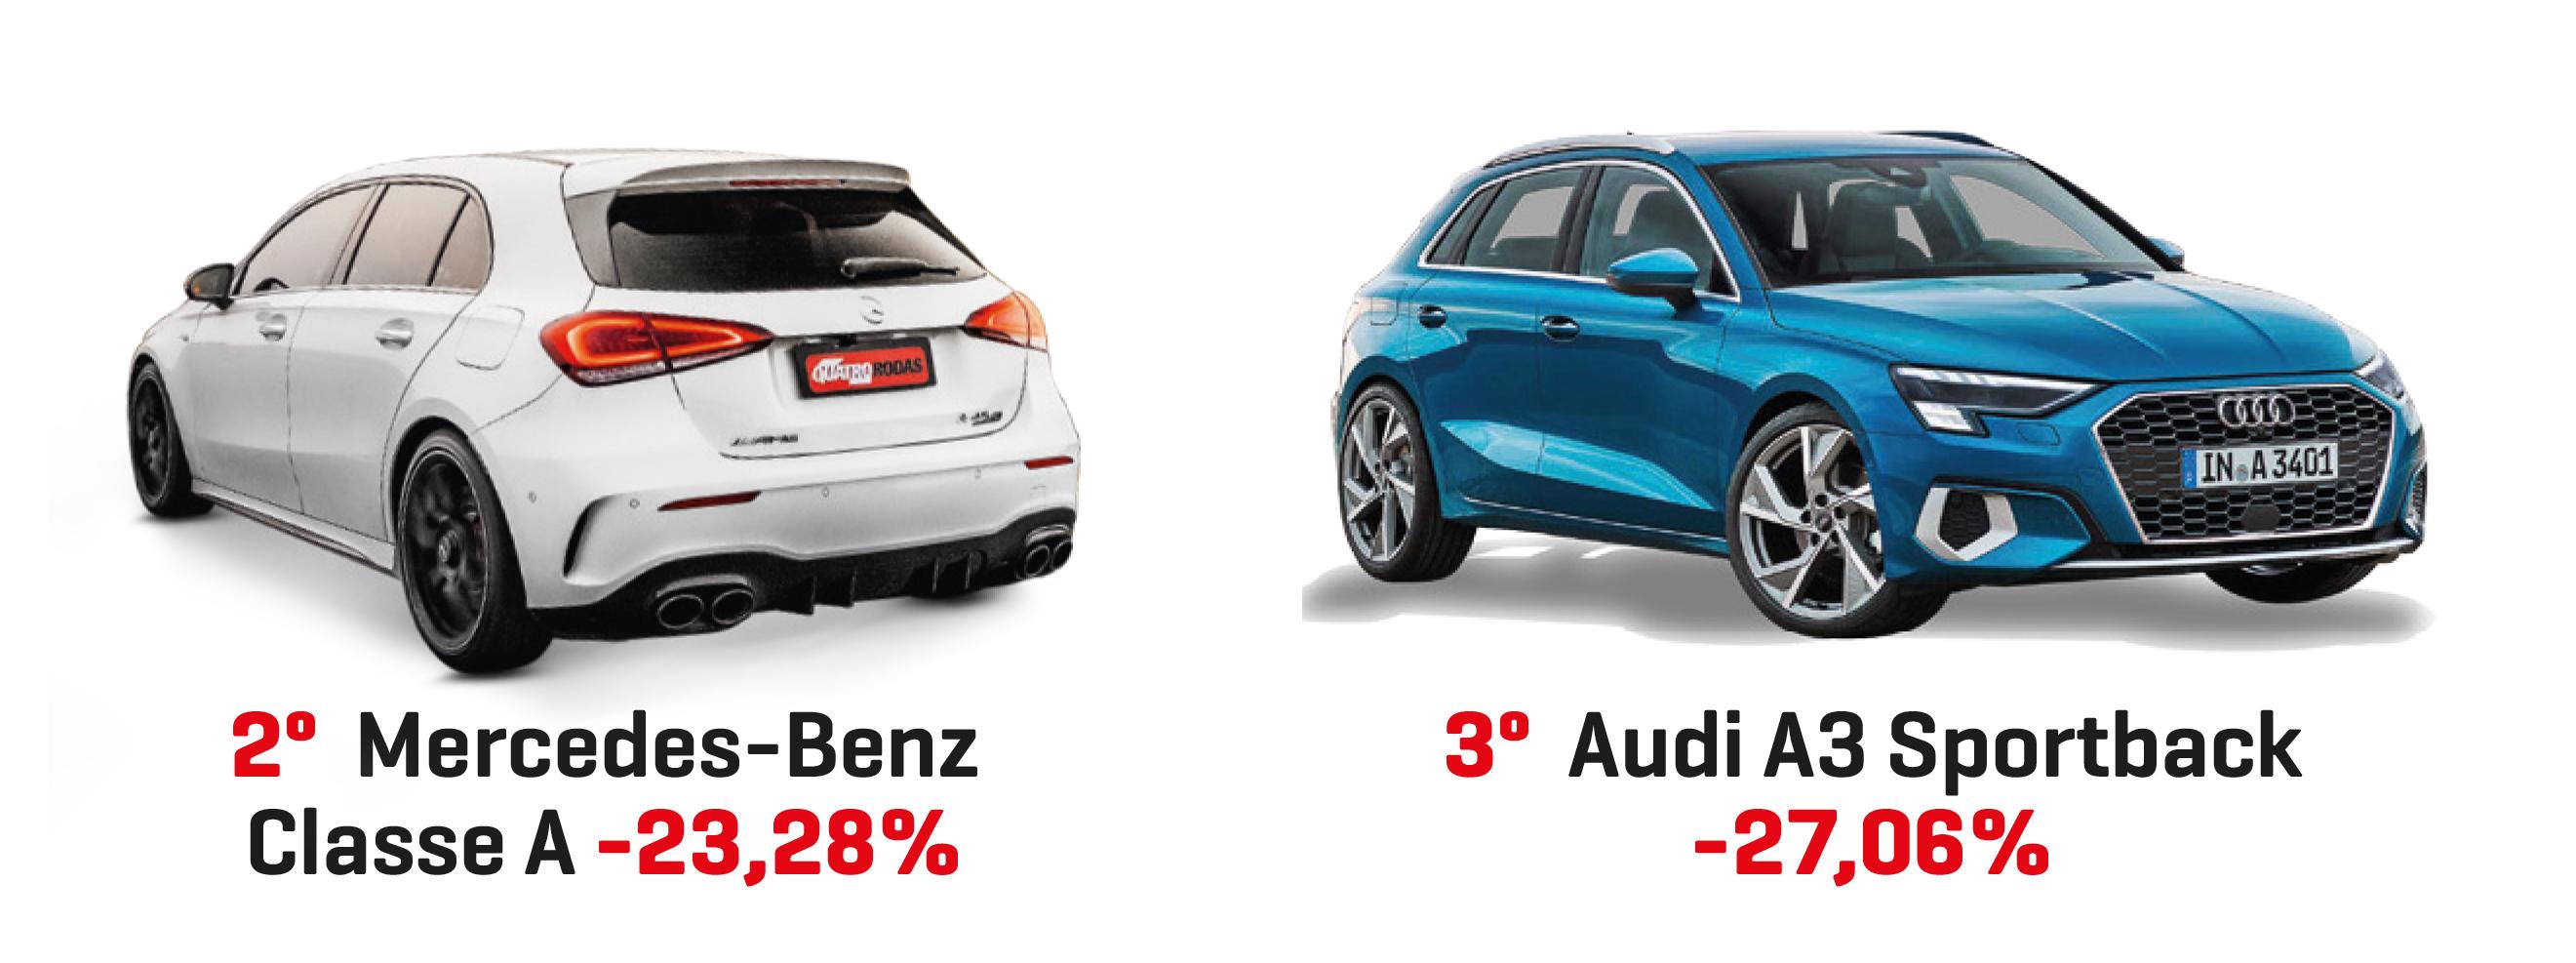 2º e-3º Hatch-Premium